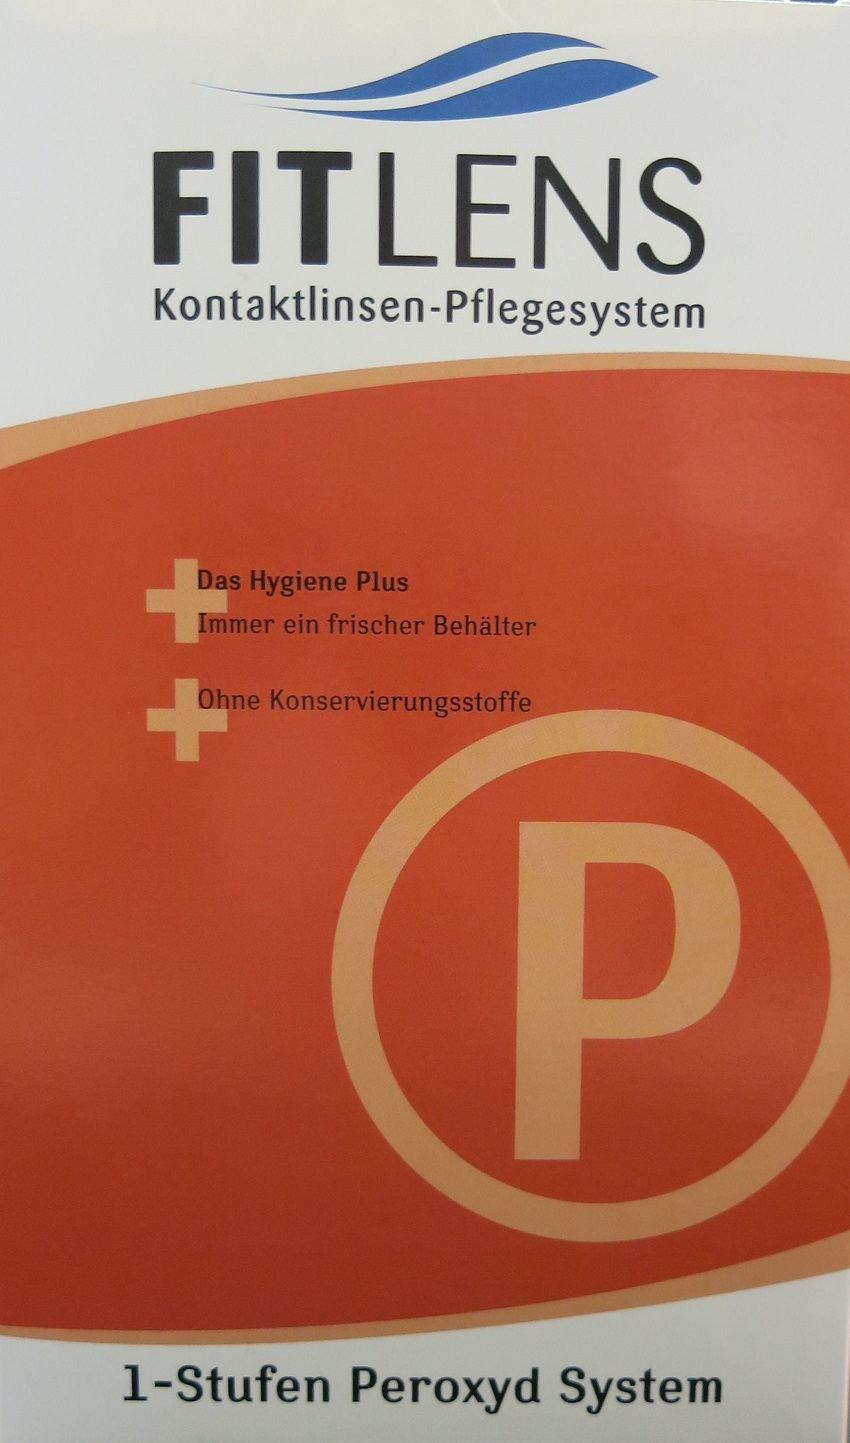 Fitlens 1 Stufen Peroxyd System 360ml, 45 Tabletten + Behälter